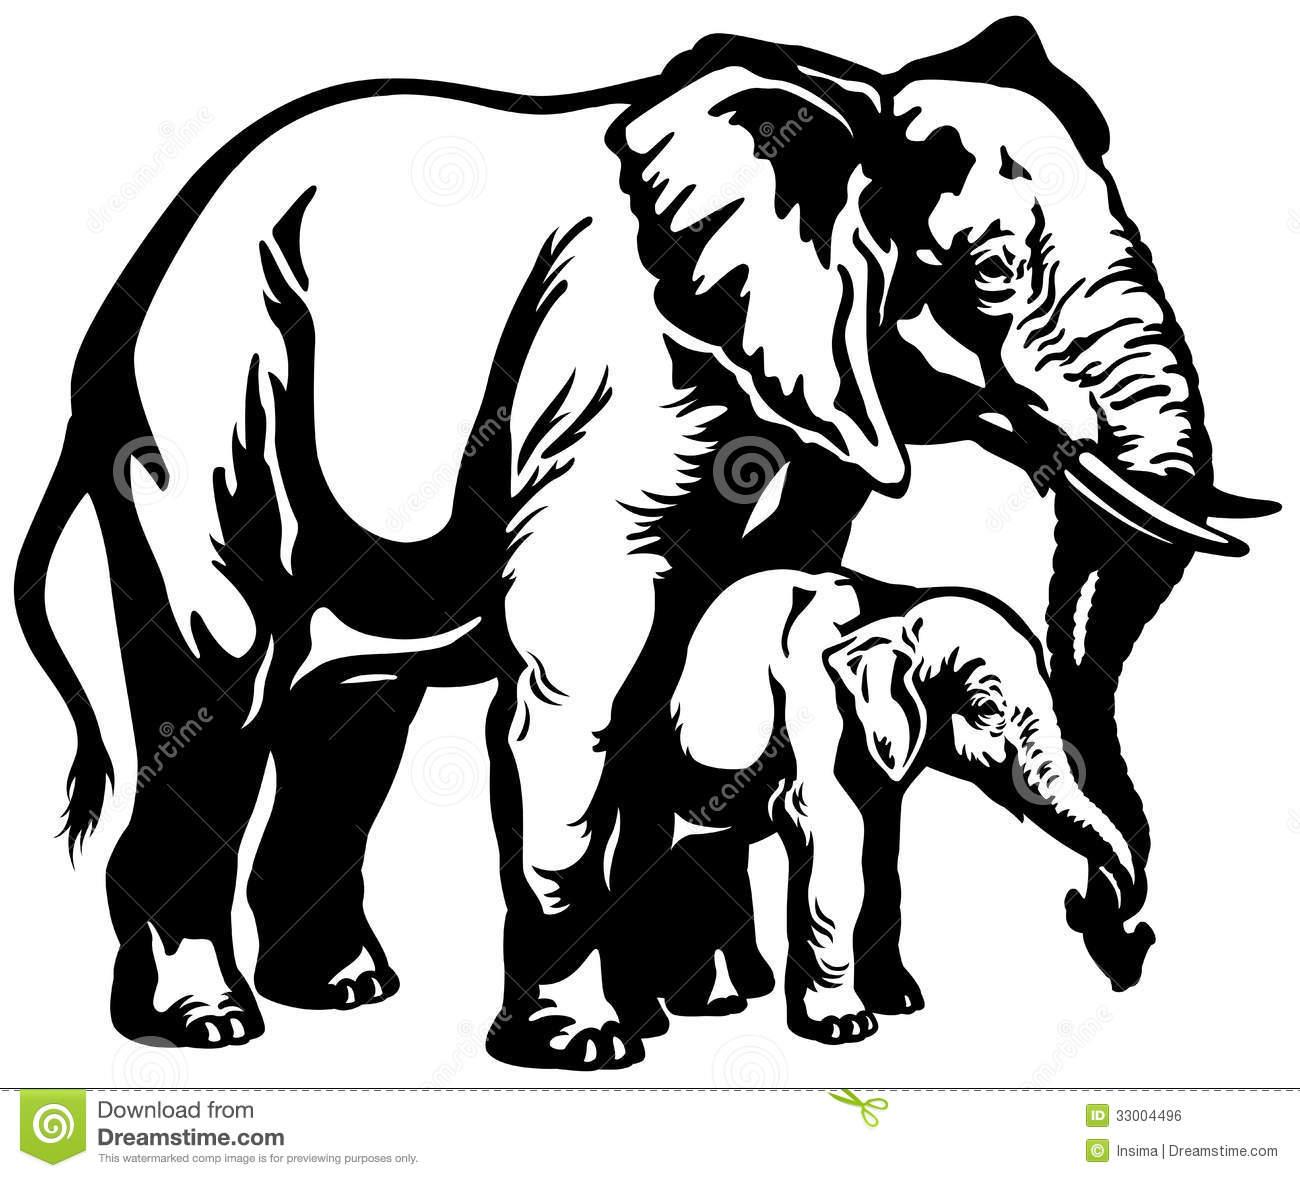 Mama baby elephant clipart jpg library stock Elephant clipart white mother baby love - ClipartFox jpg library stock